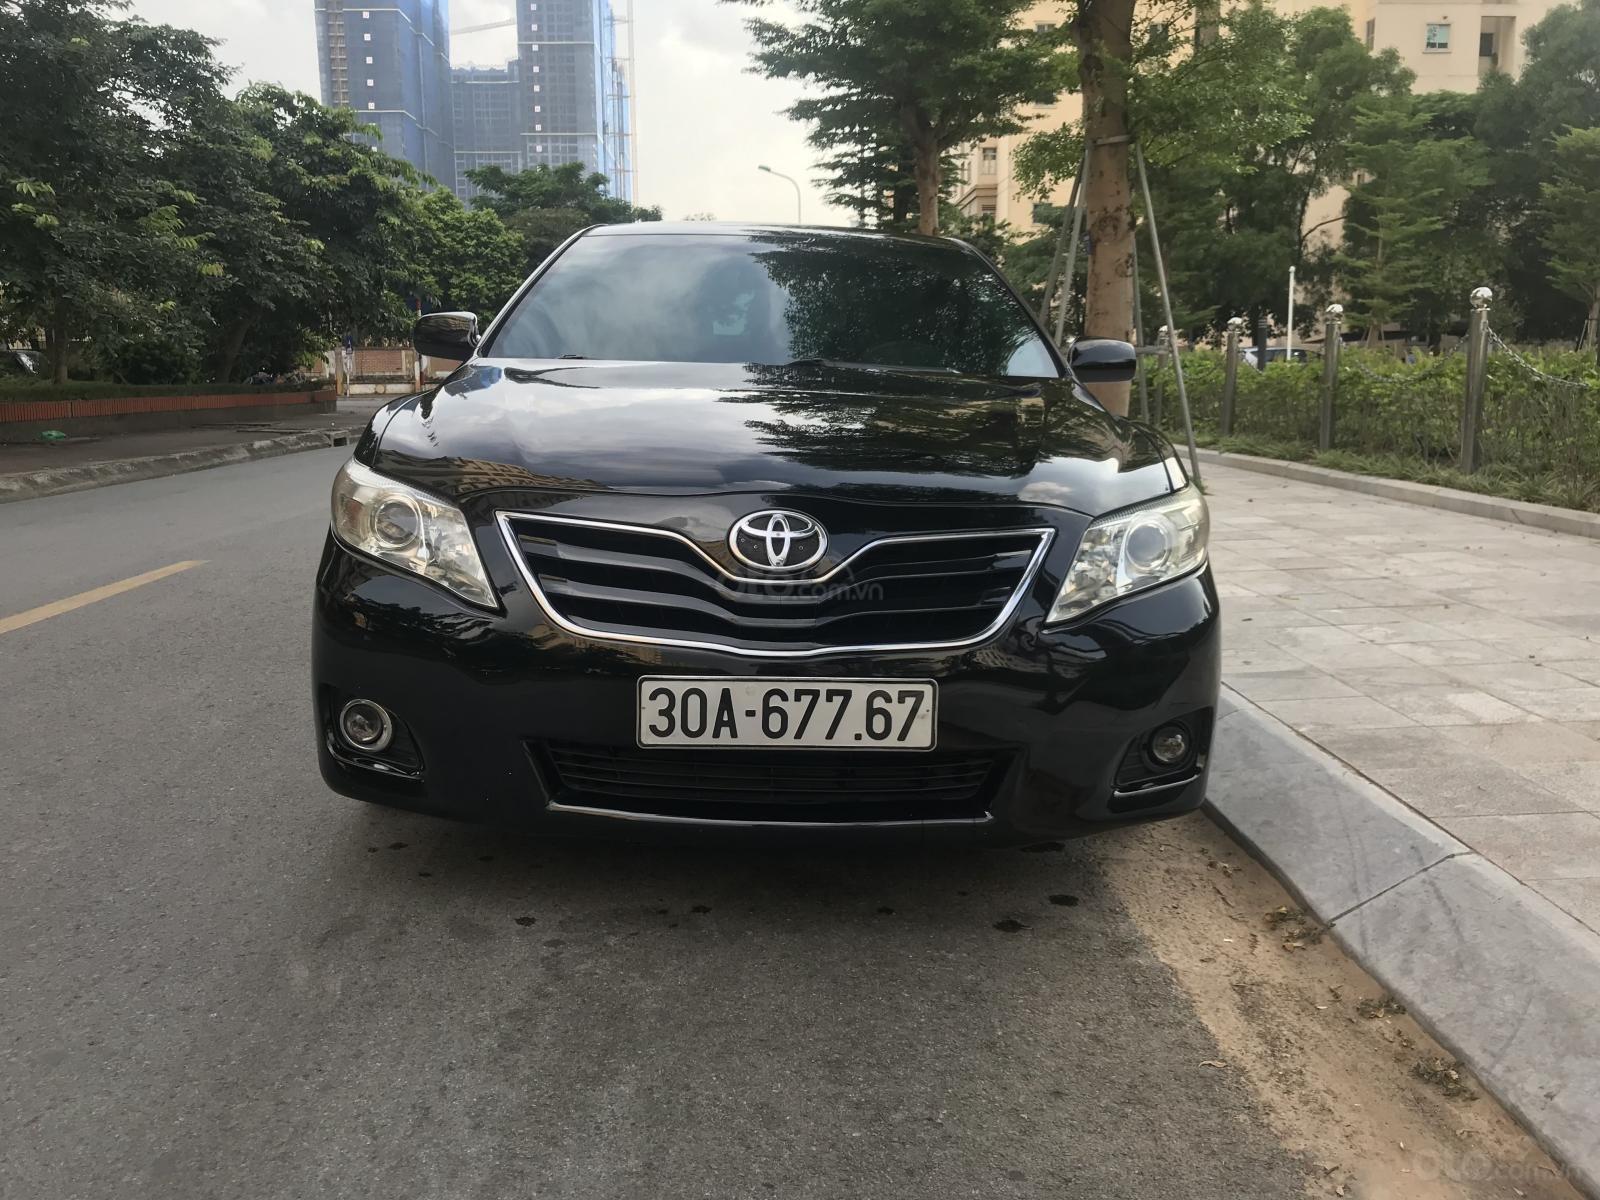 Bán Toyota Camry LE 2.5L sản xuất năm 2009, màu đen, nhập Mỹ (1)